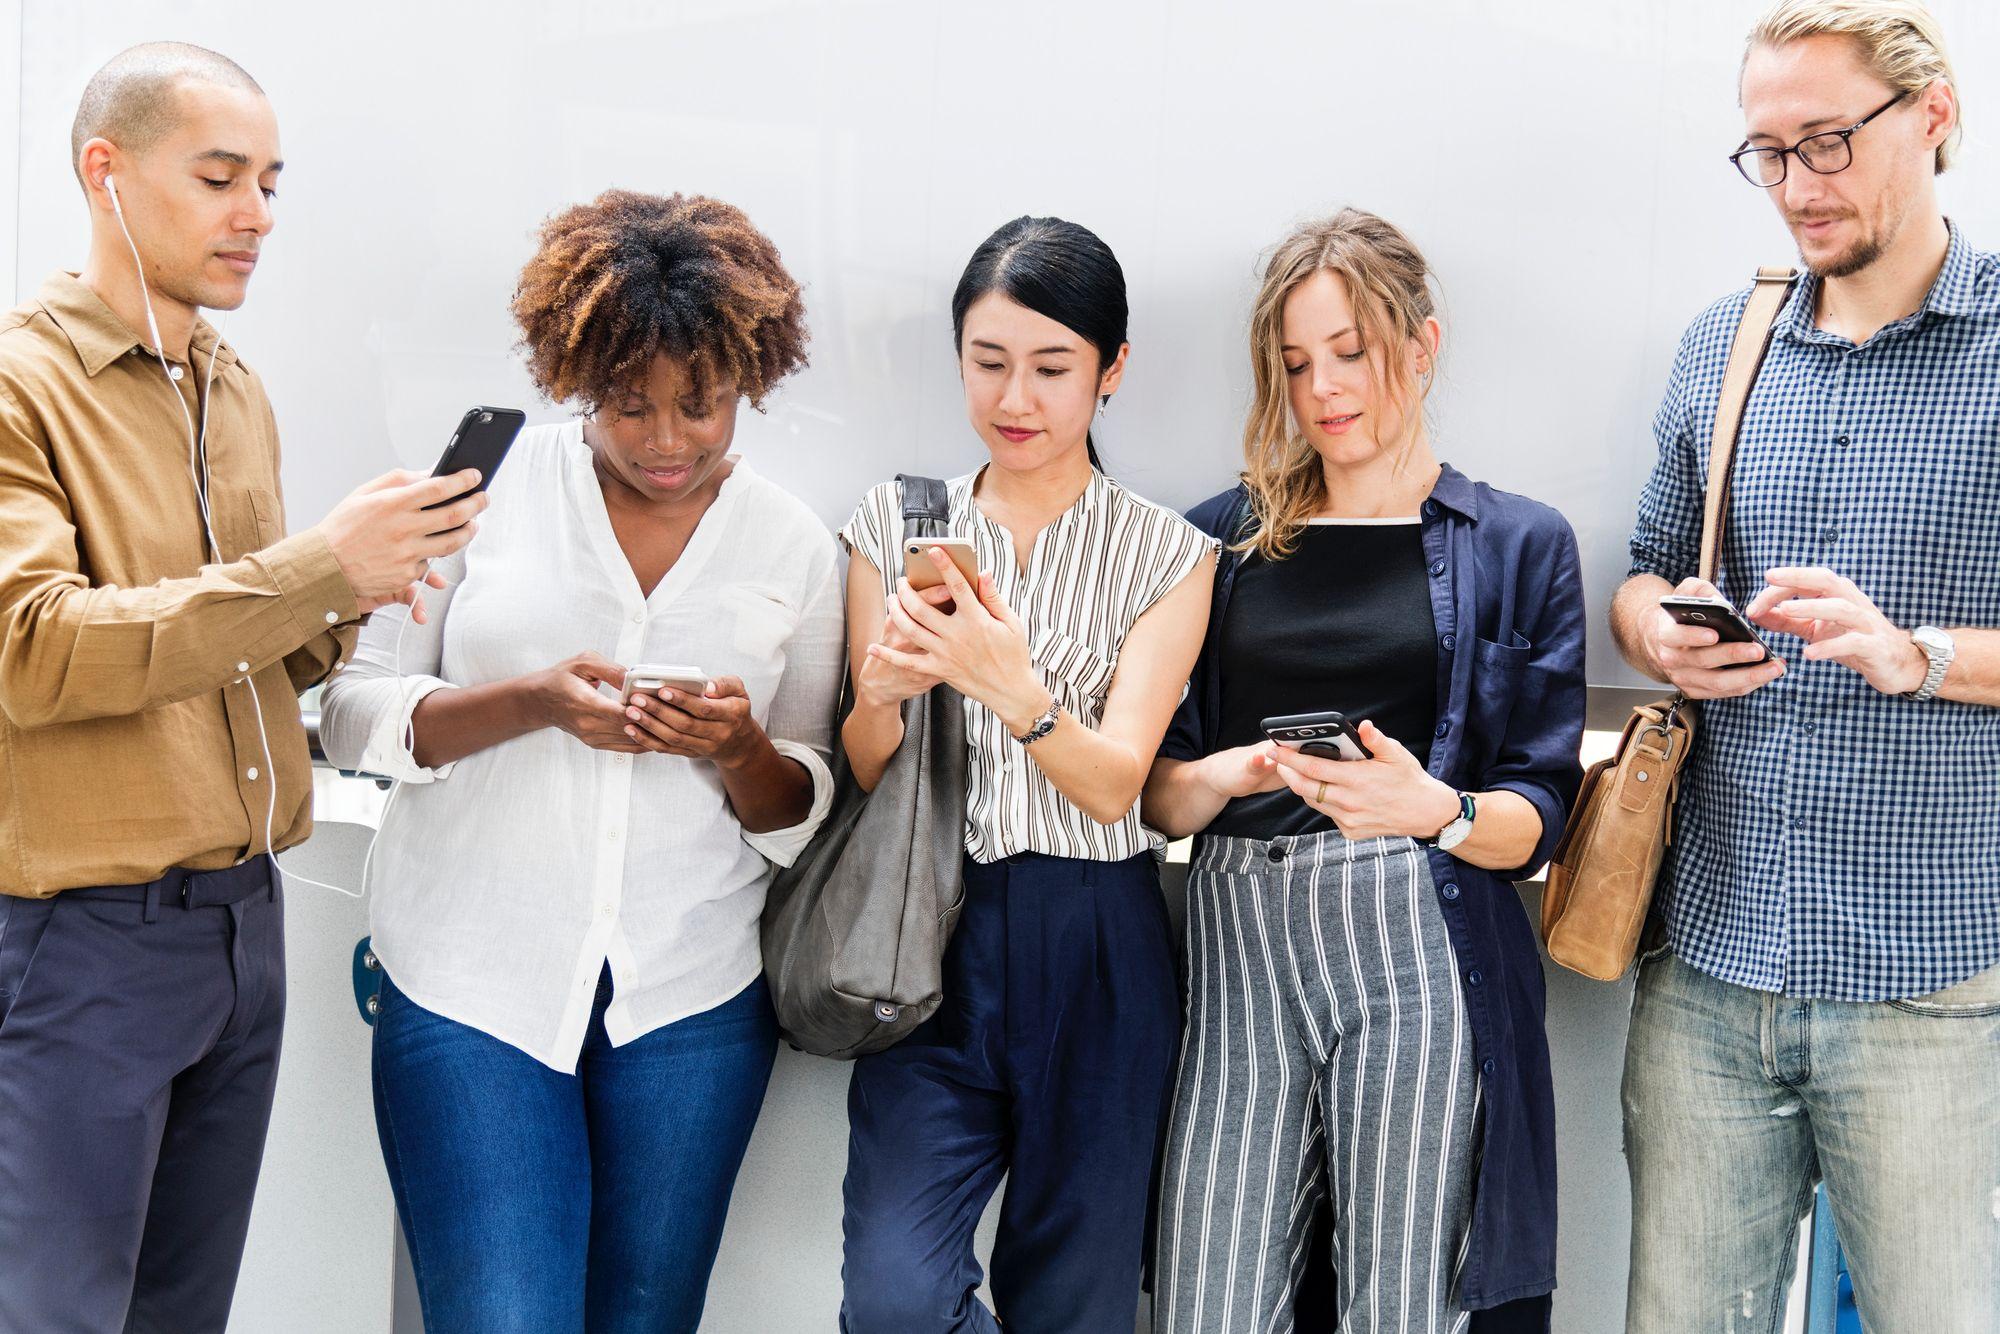 Customer attention is on social media